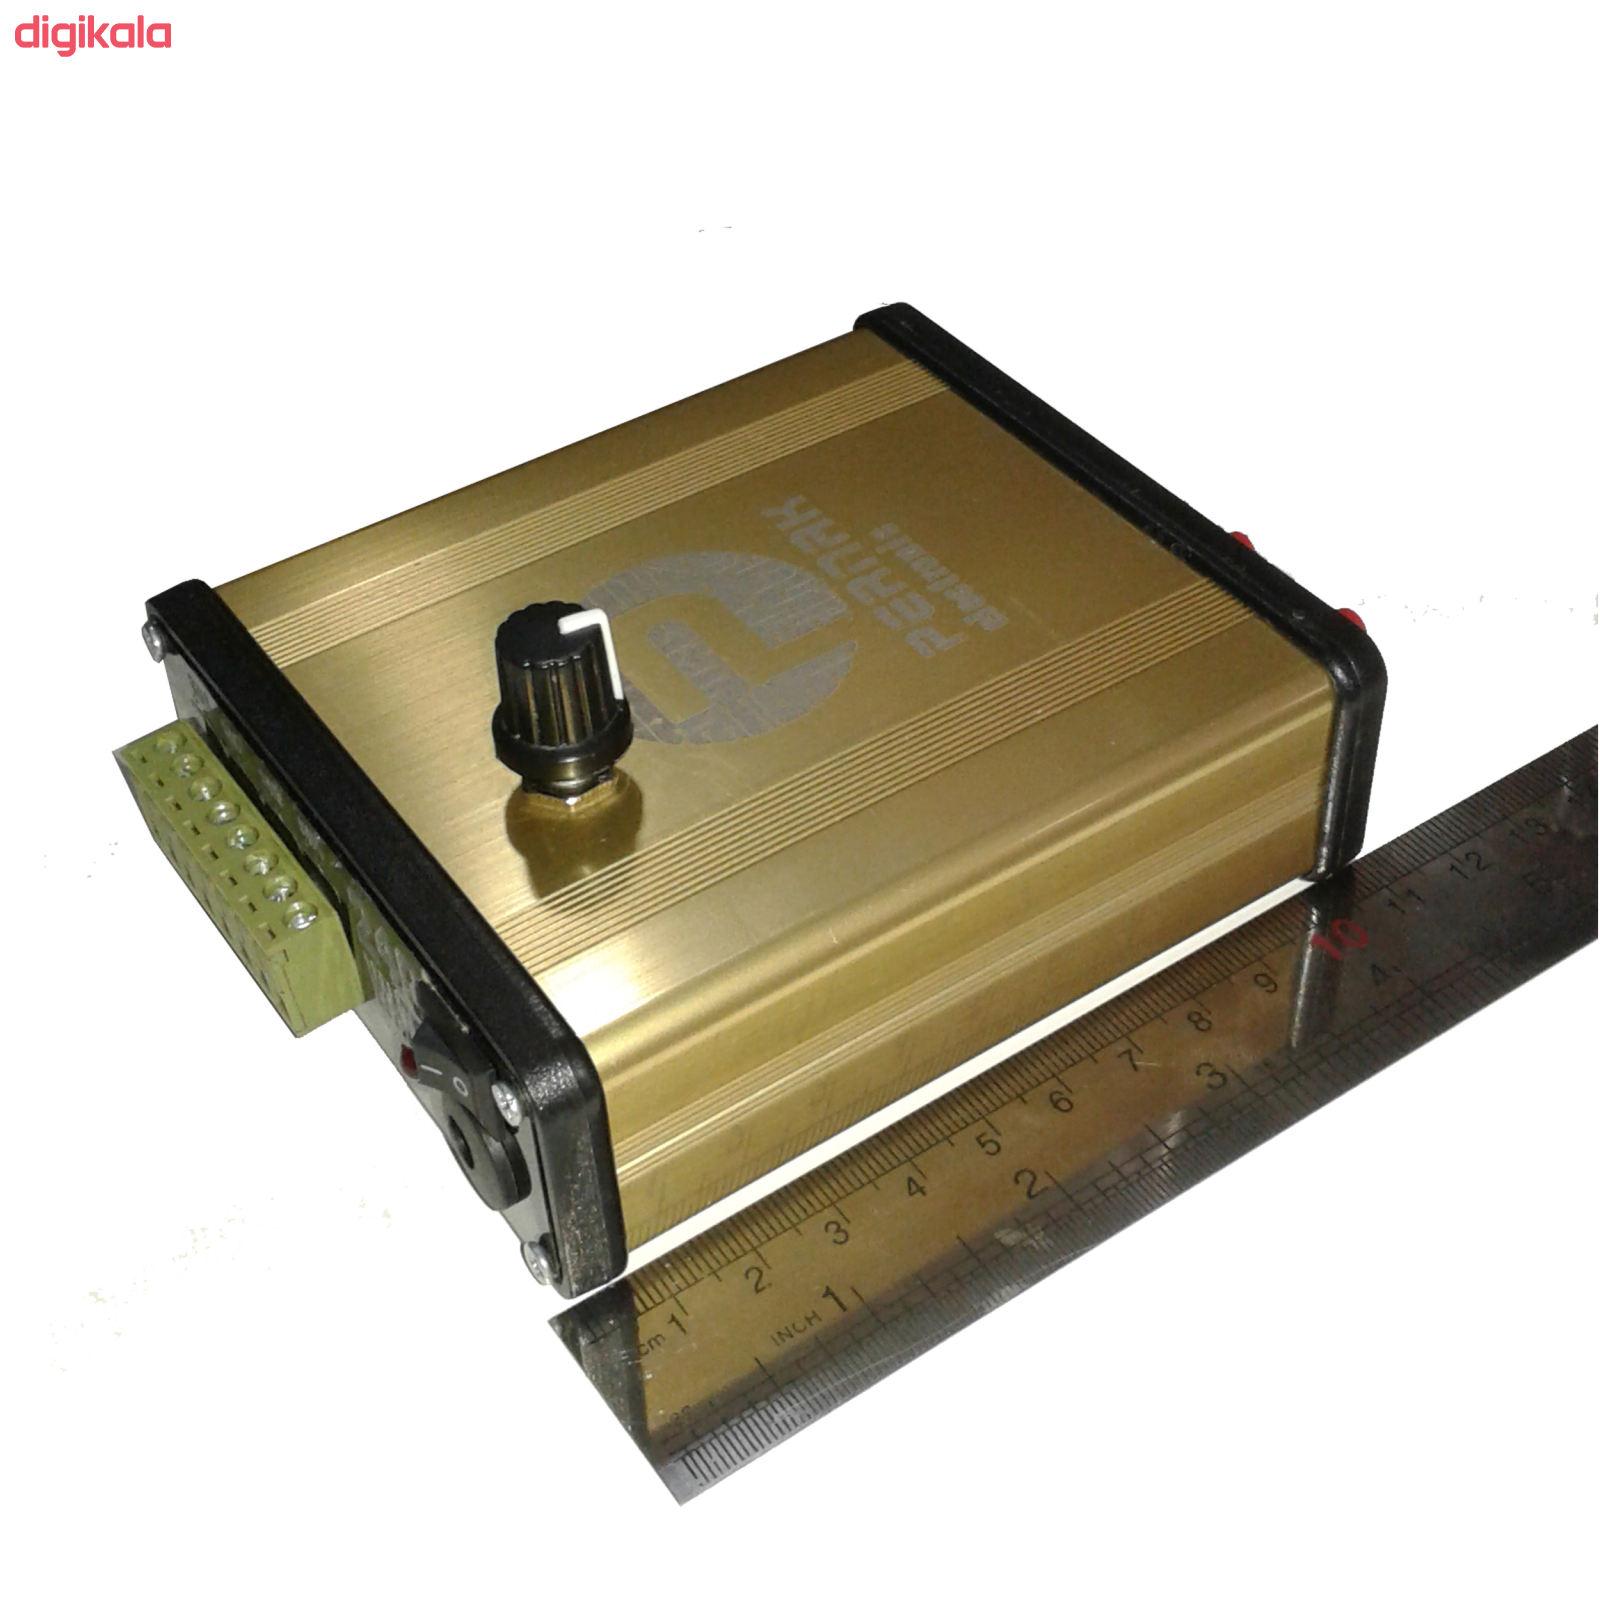 پخش کننده خانگی پرناک مدل Me720 main 1 3